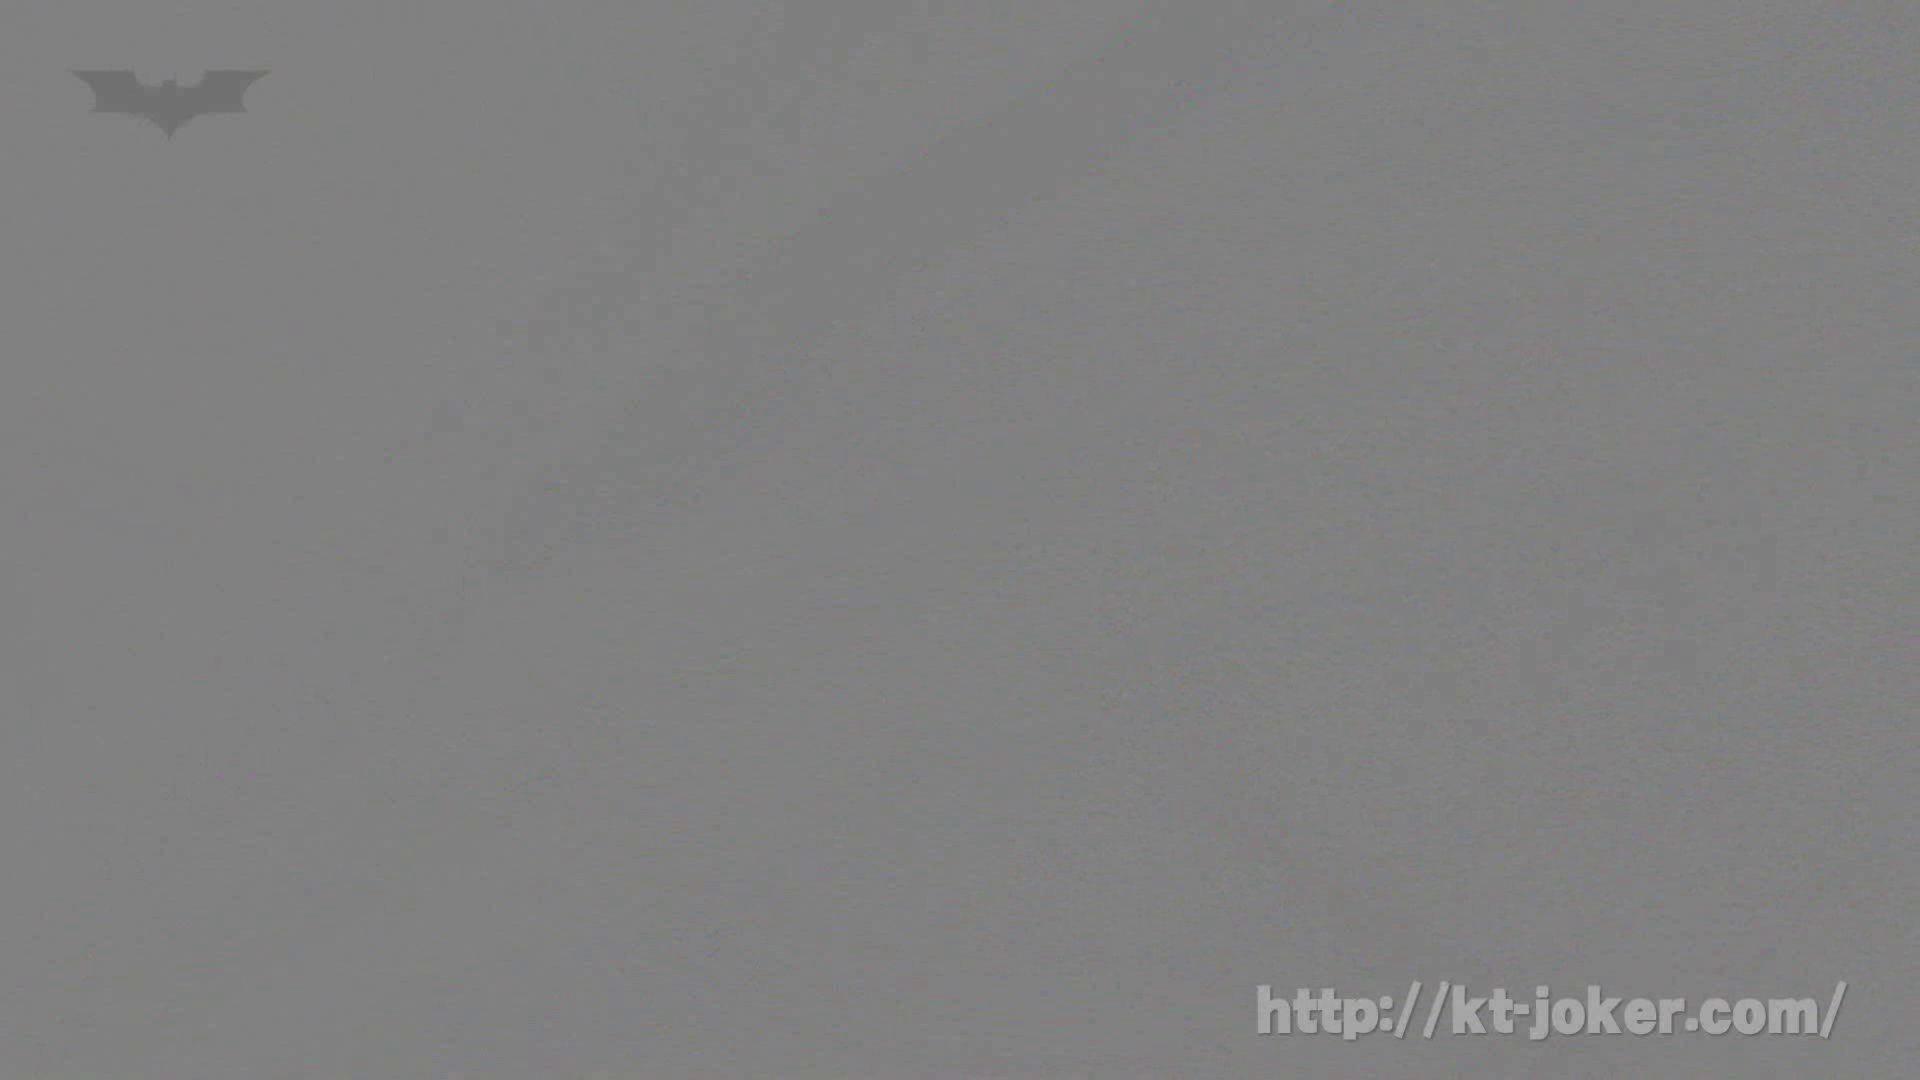 命がけ潜伏洗面所! vol.67 女性の日特集!! プライベート  49連発 41